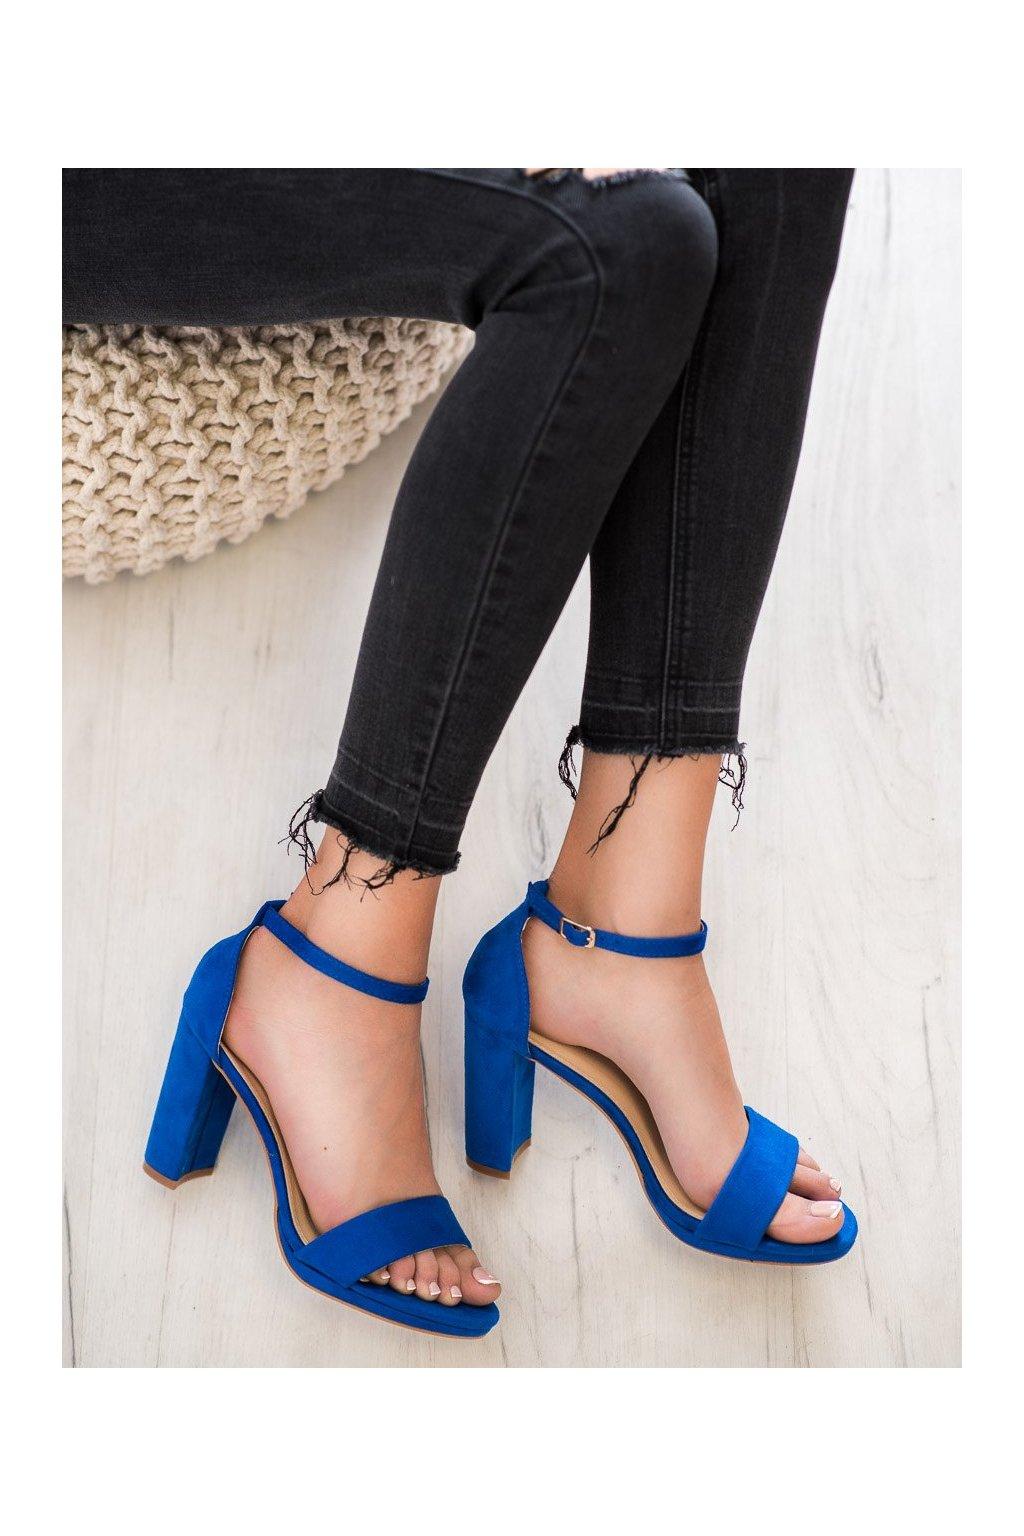 Modré sandále Goodin NJSK GD-OD-20BL